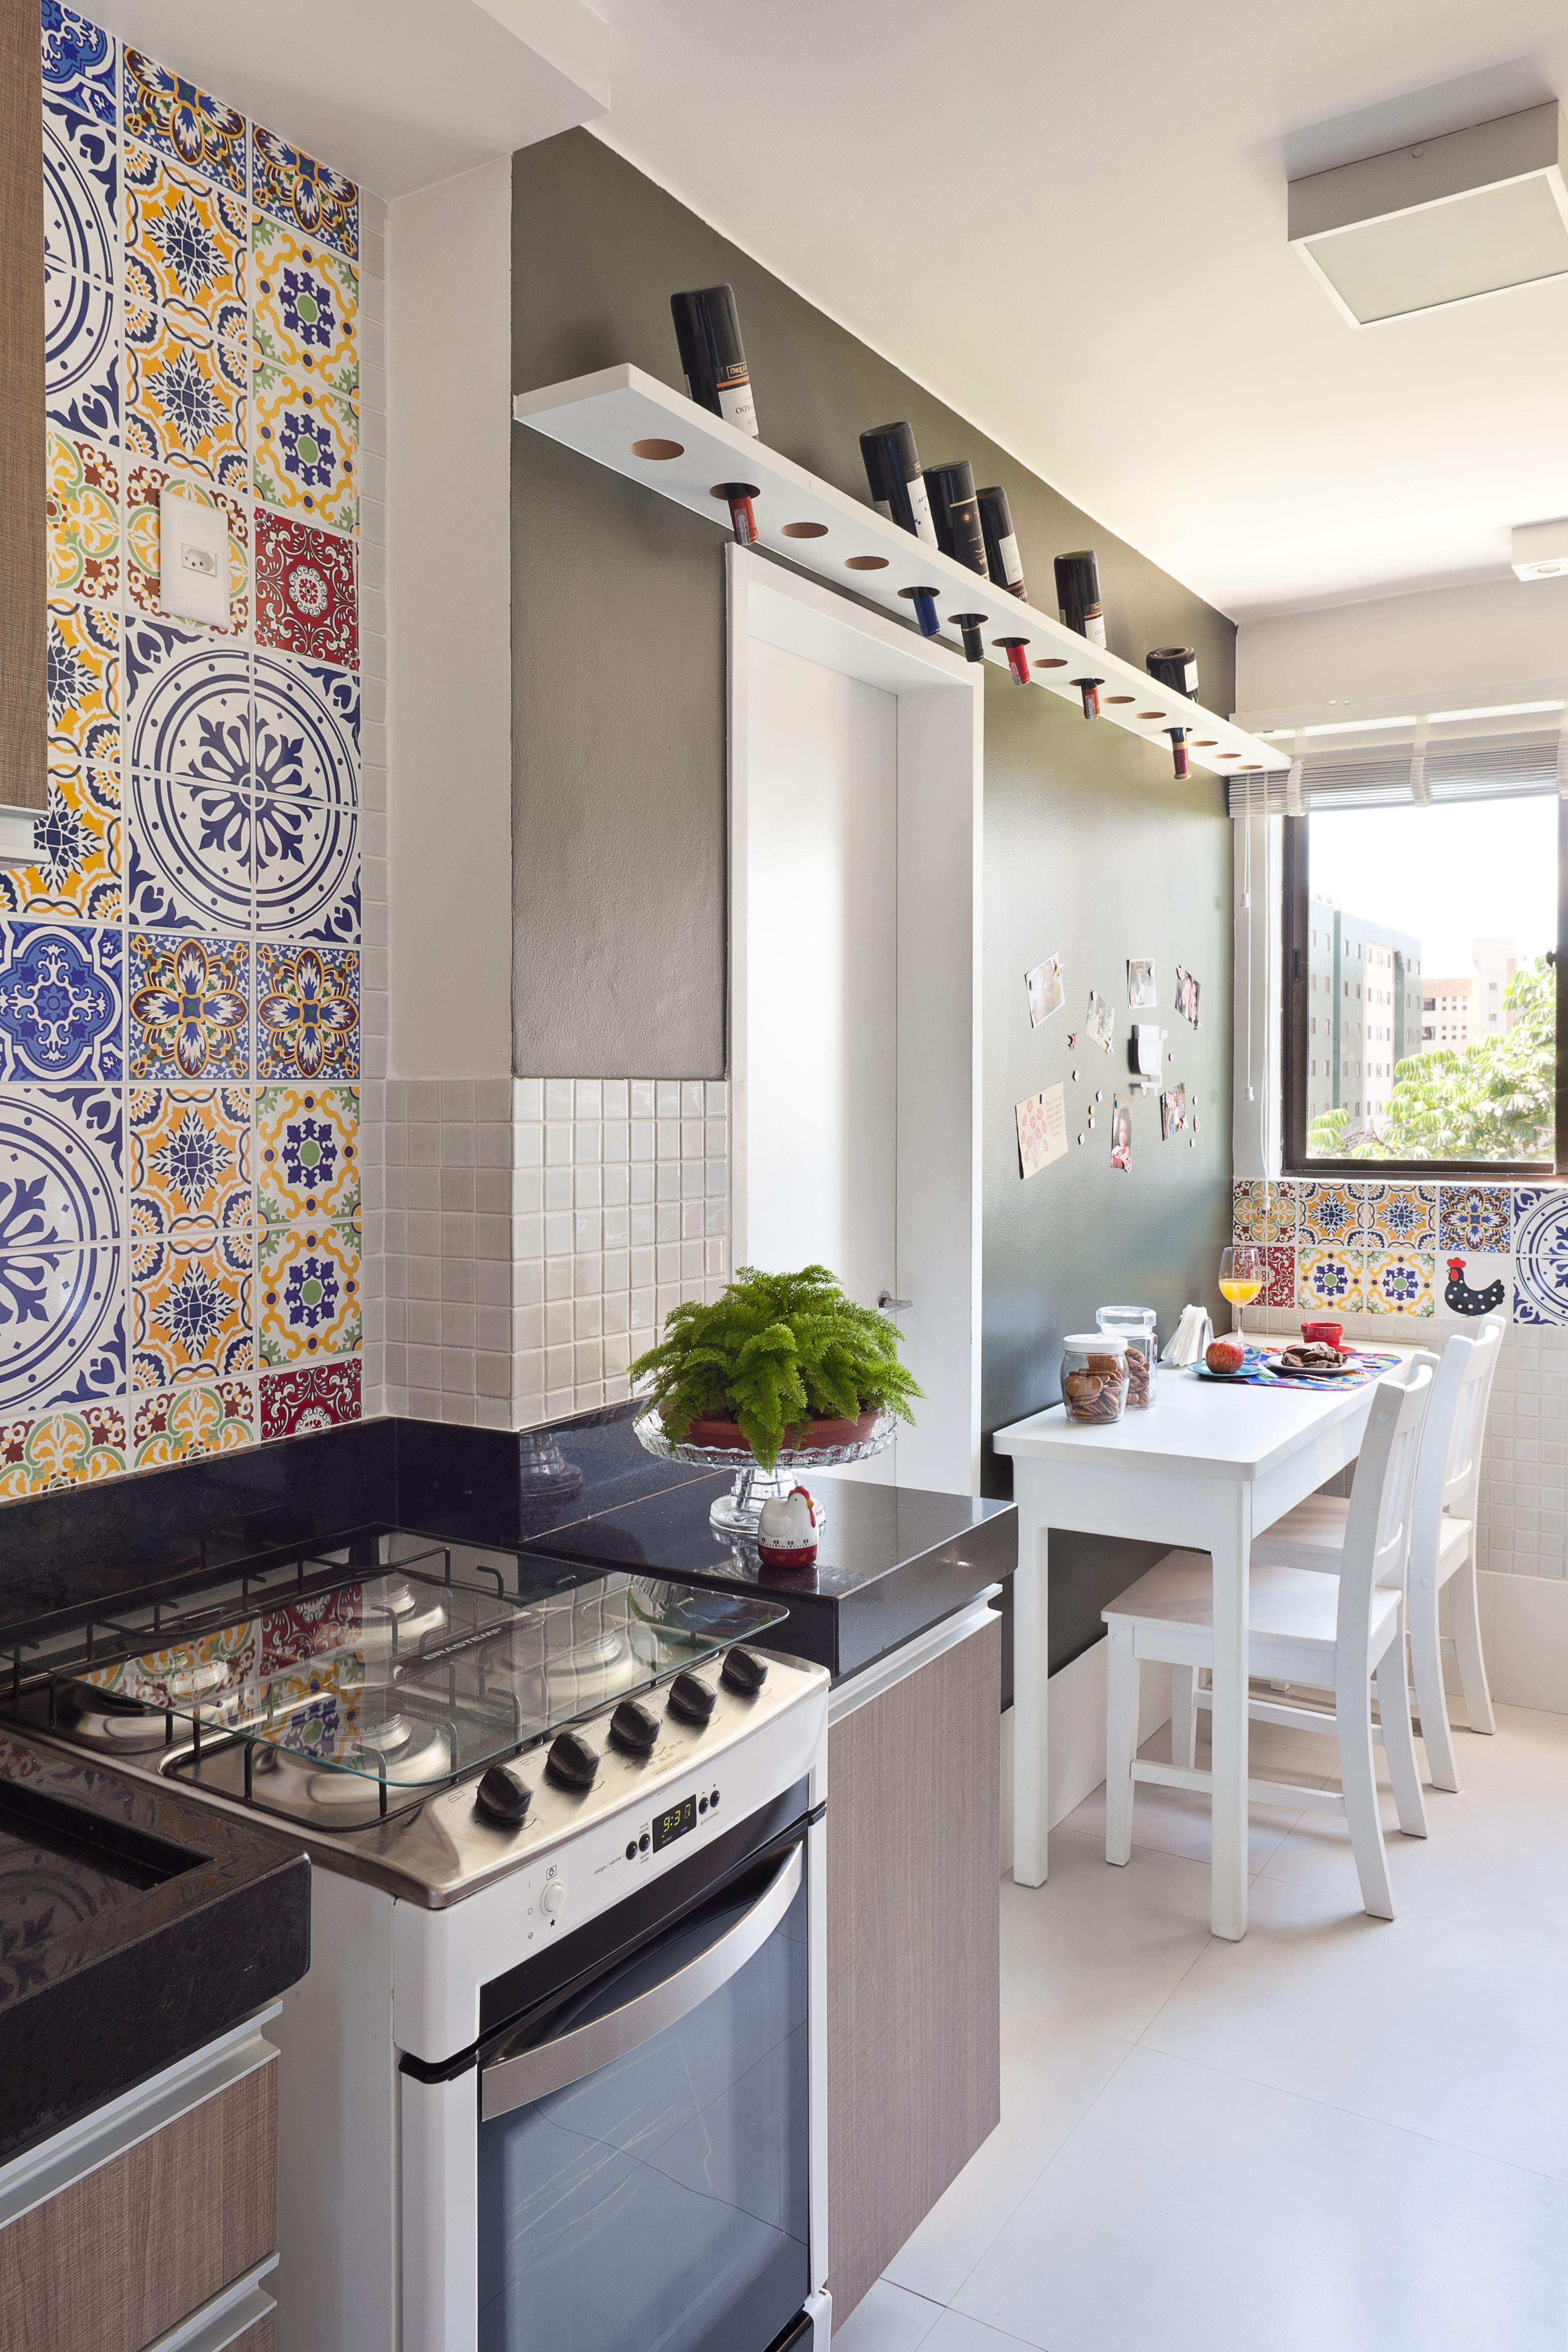 Imagem 1 Apartamento The Pinterest Cozinha Corredor Cozinha E